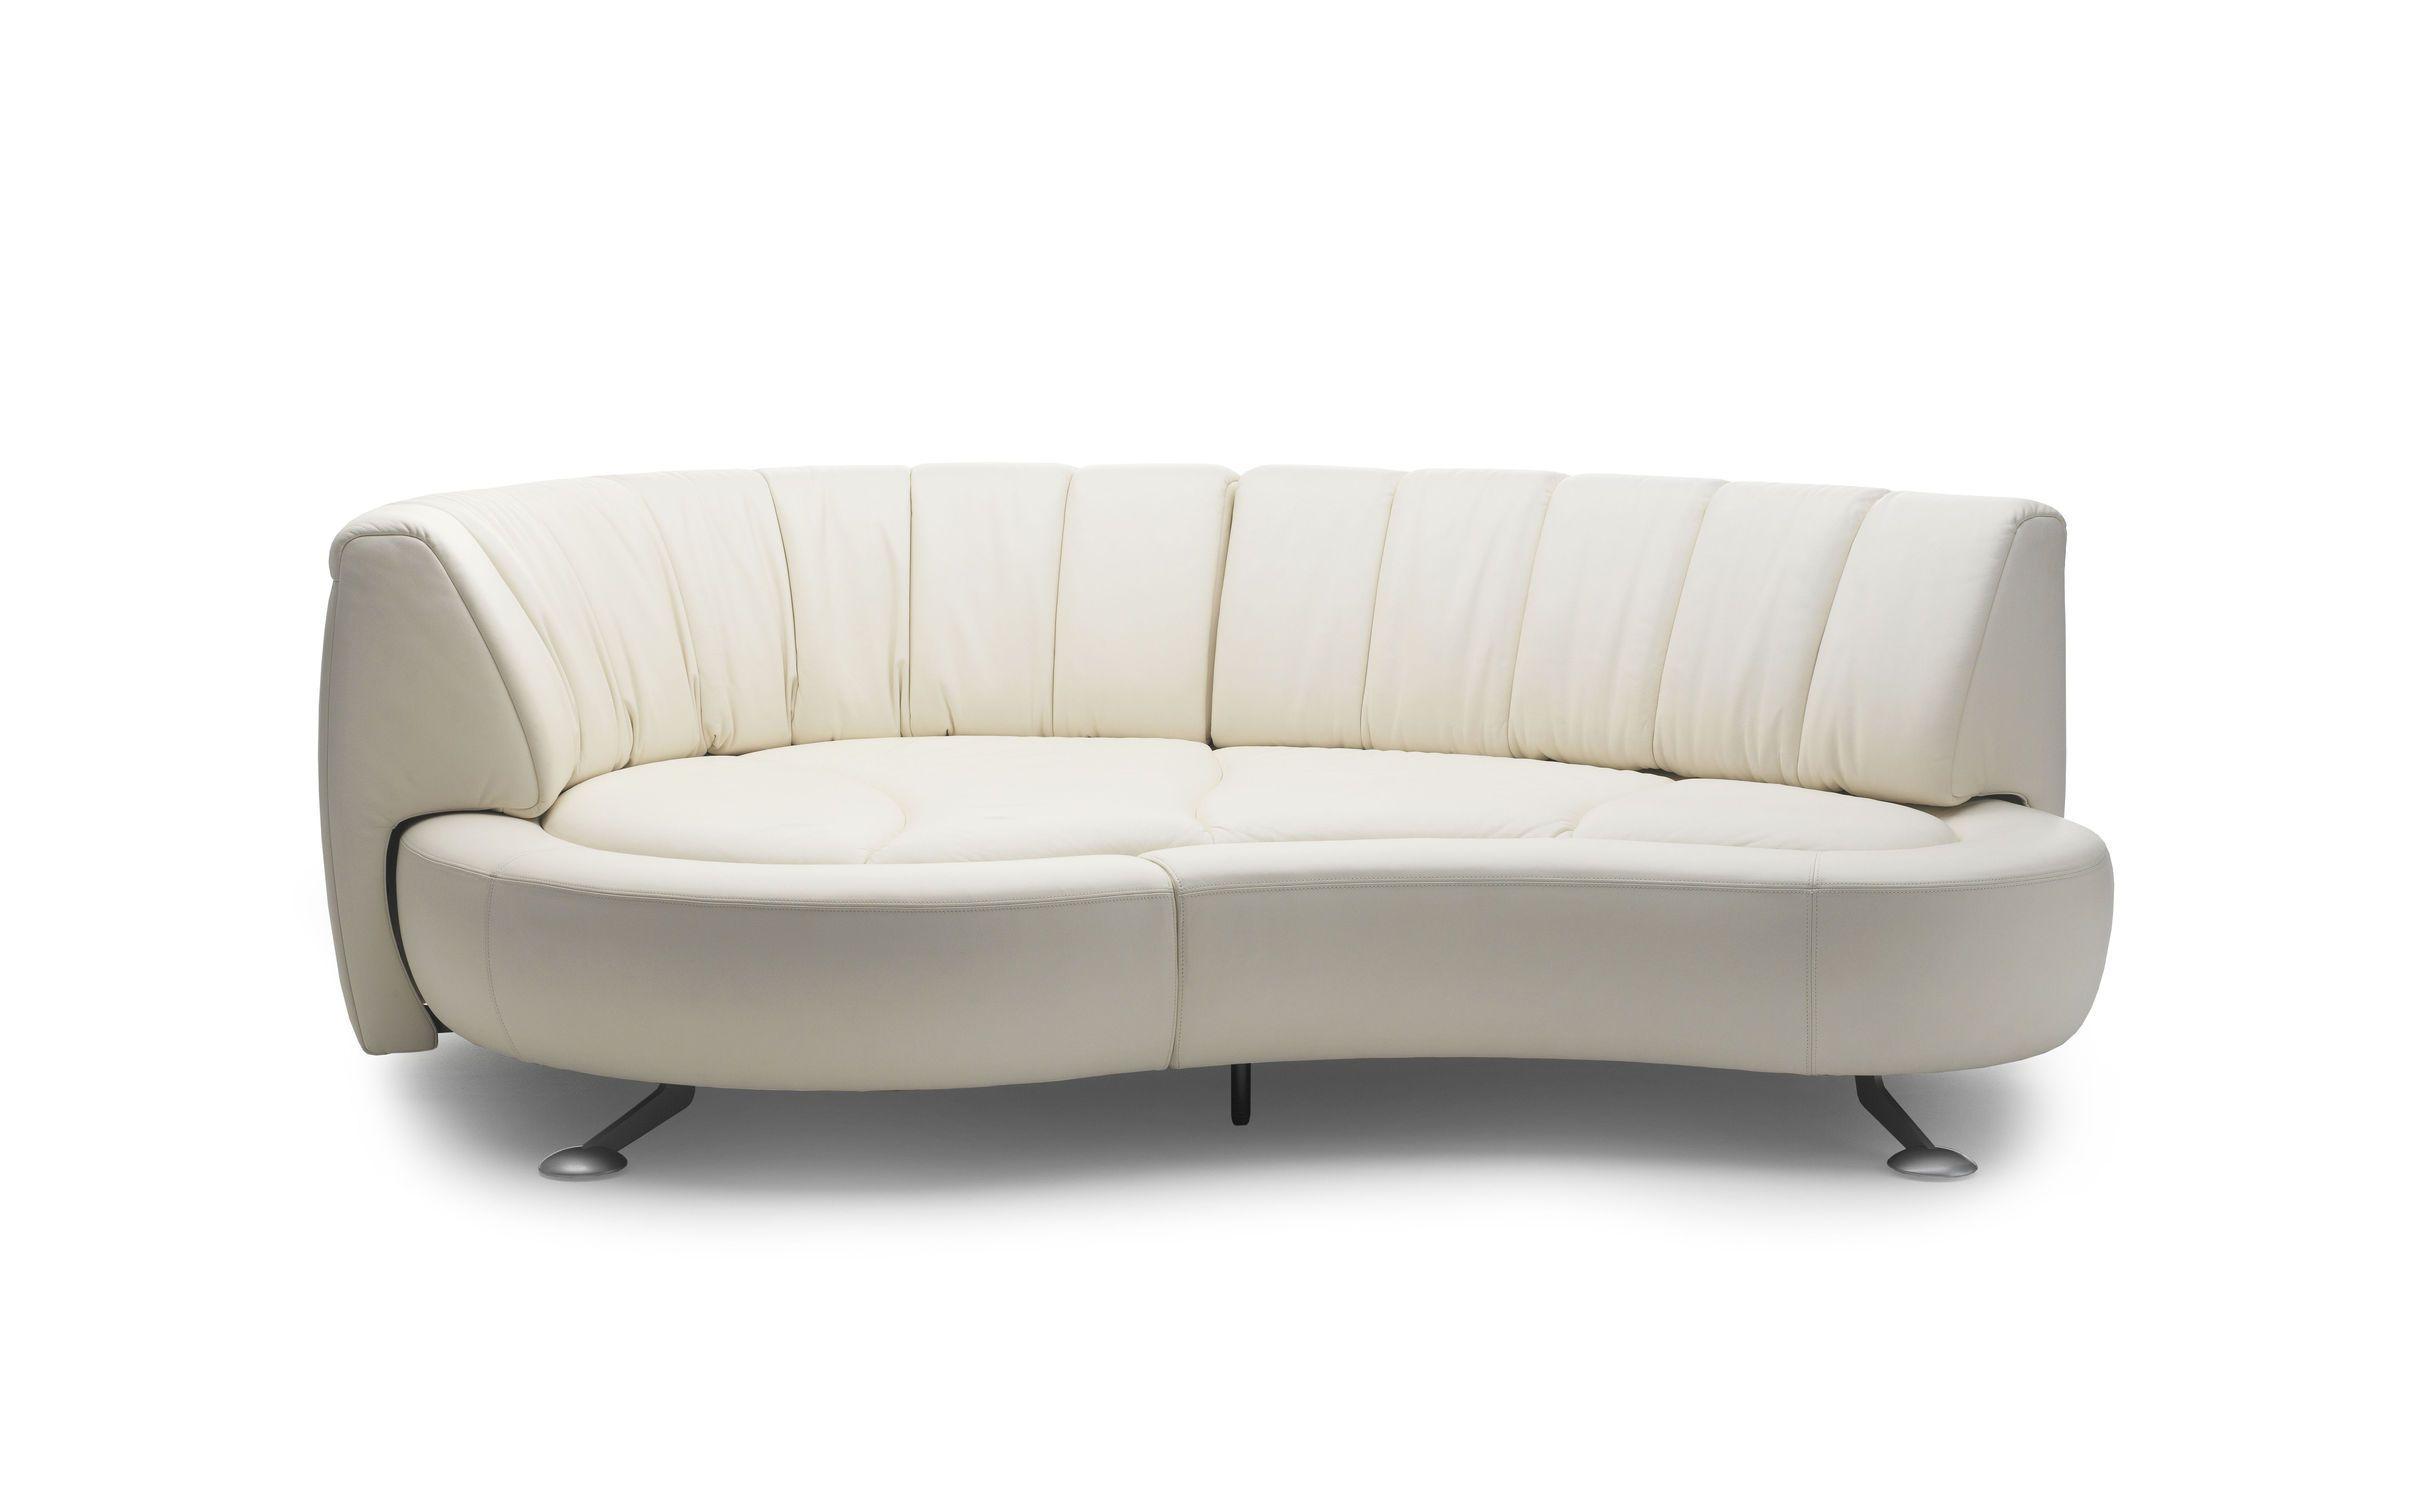 Full Size of Halbrundes Sofa Im Klassischen Stil Samt Halbrunde Couch Klein Gebraucht Ikea Rot Big Schn Sofort Lieferbar Aus Matratzen Mit Recamiere Ligne Roset Garnitur 3 Sofa Halbrundes Sofa